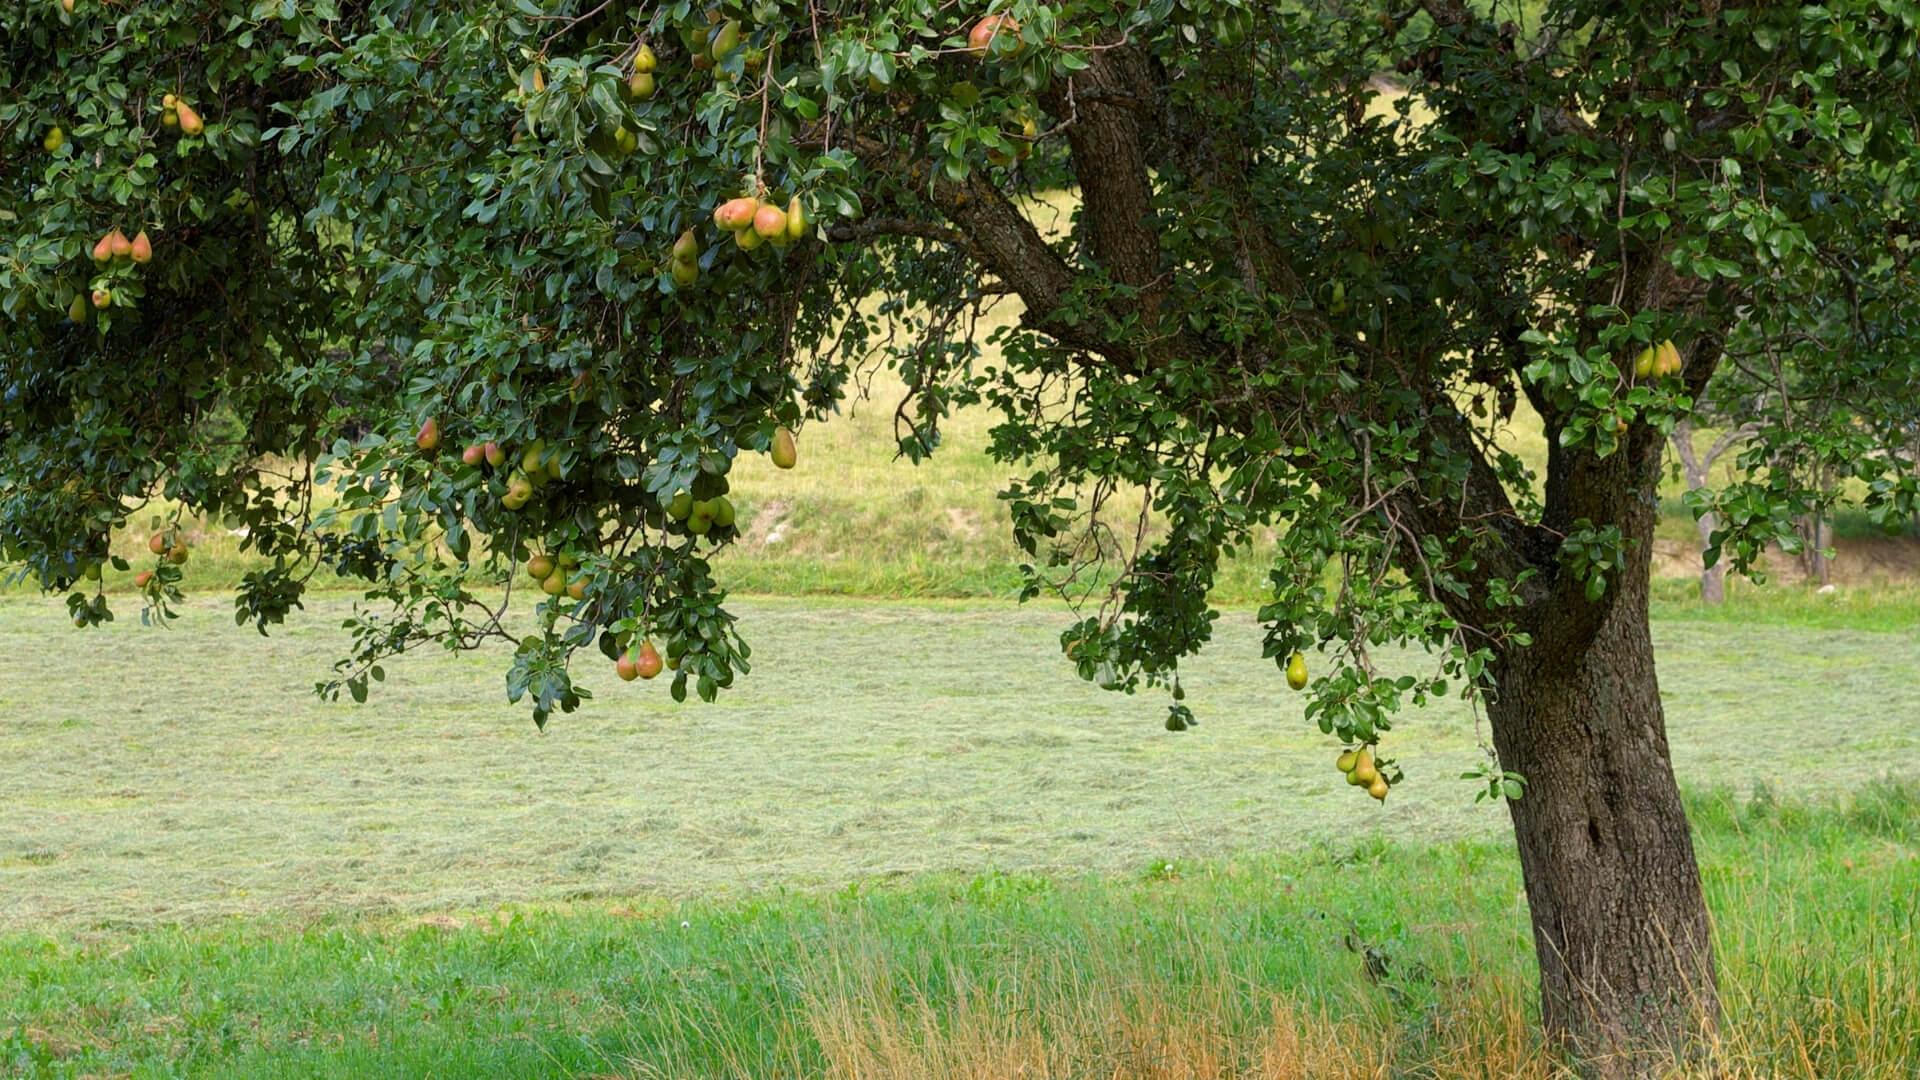 albero di pere (pero): come coltivarlo